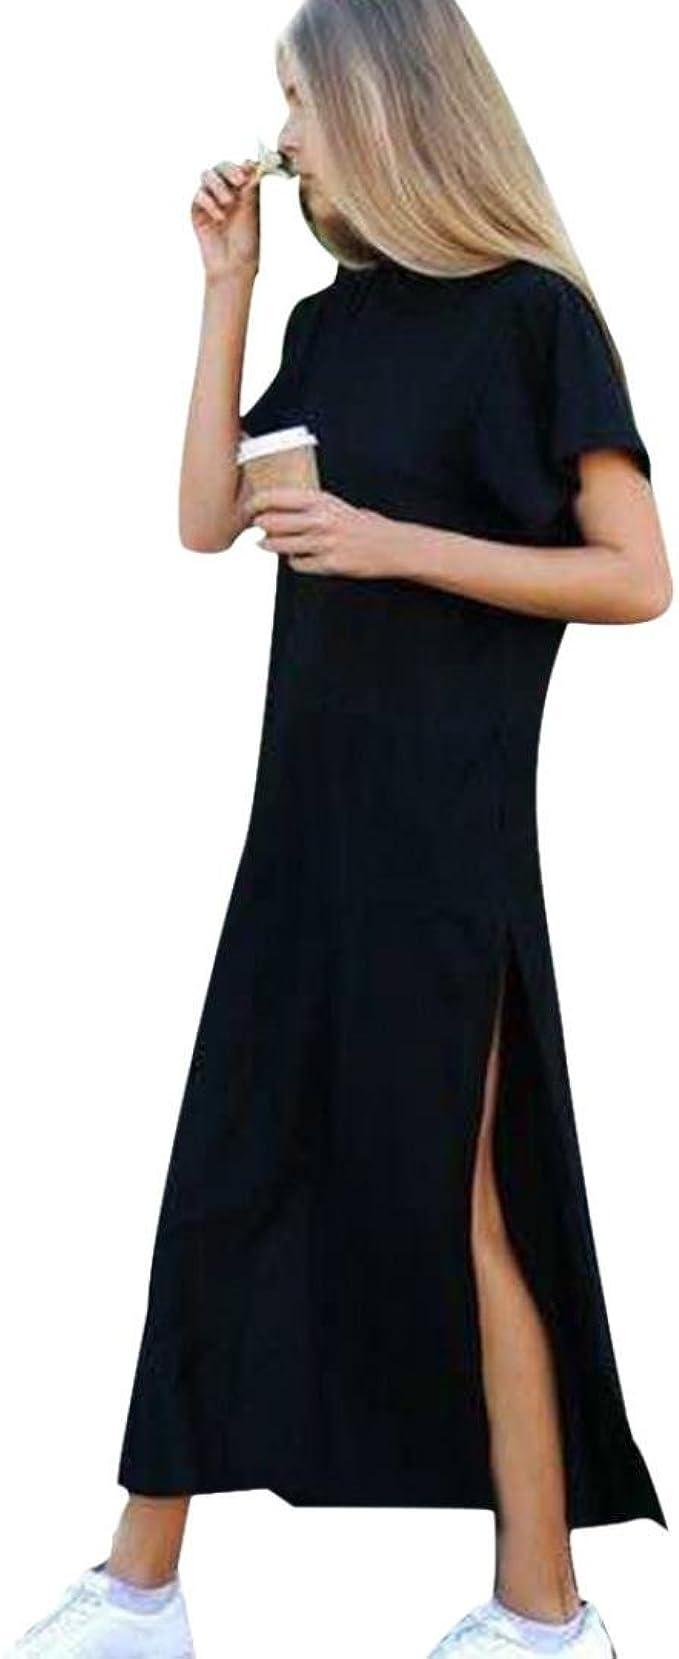 Internet Langes Kleid Damen Side High Slit Schwarz Kurzarm Kleid